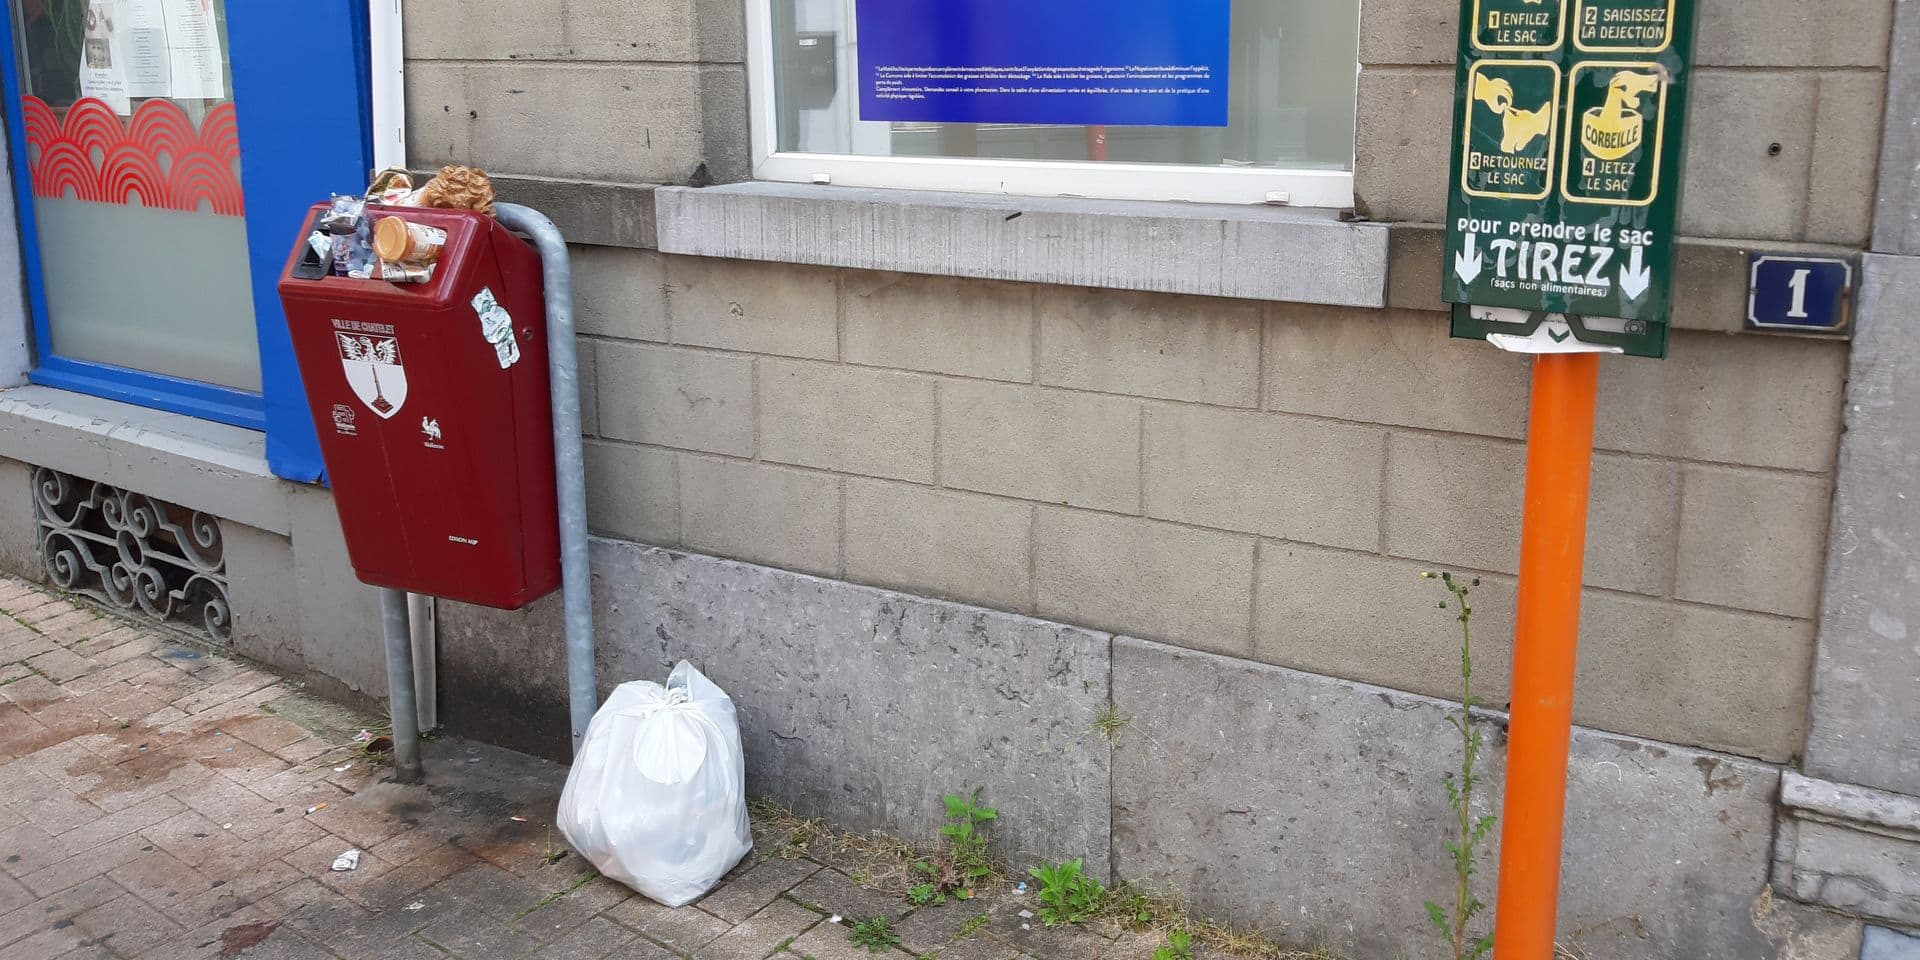 Châtelet: où sont les poubelles publiques dans le centre-ville?